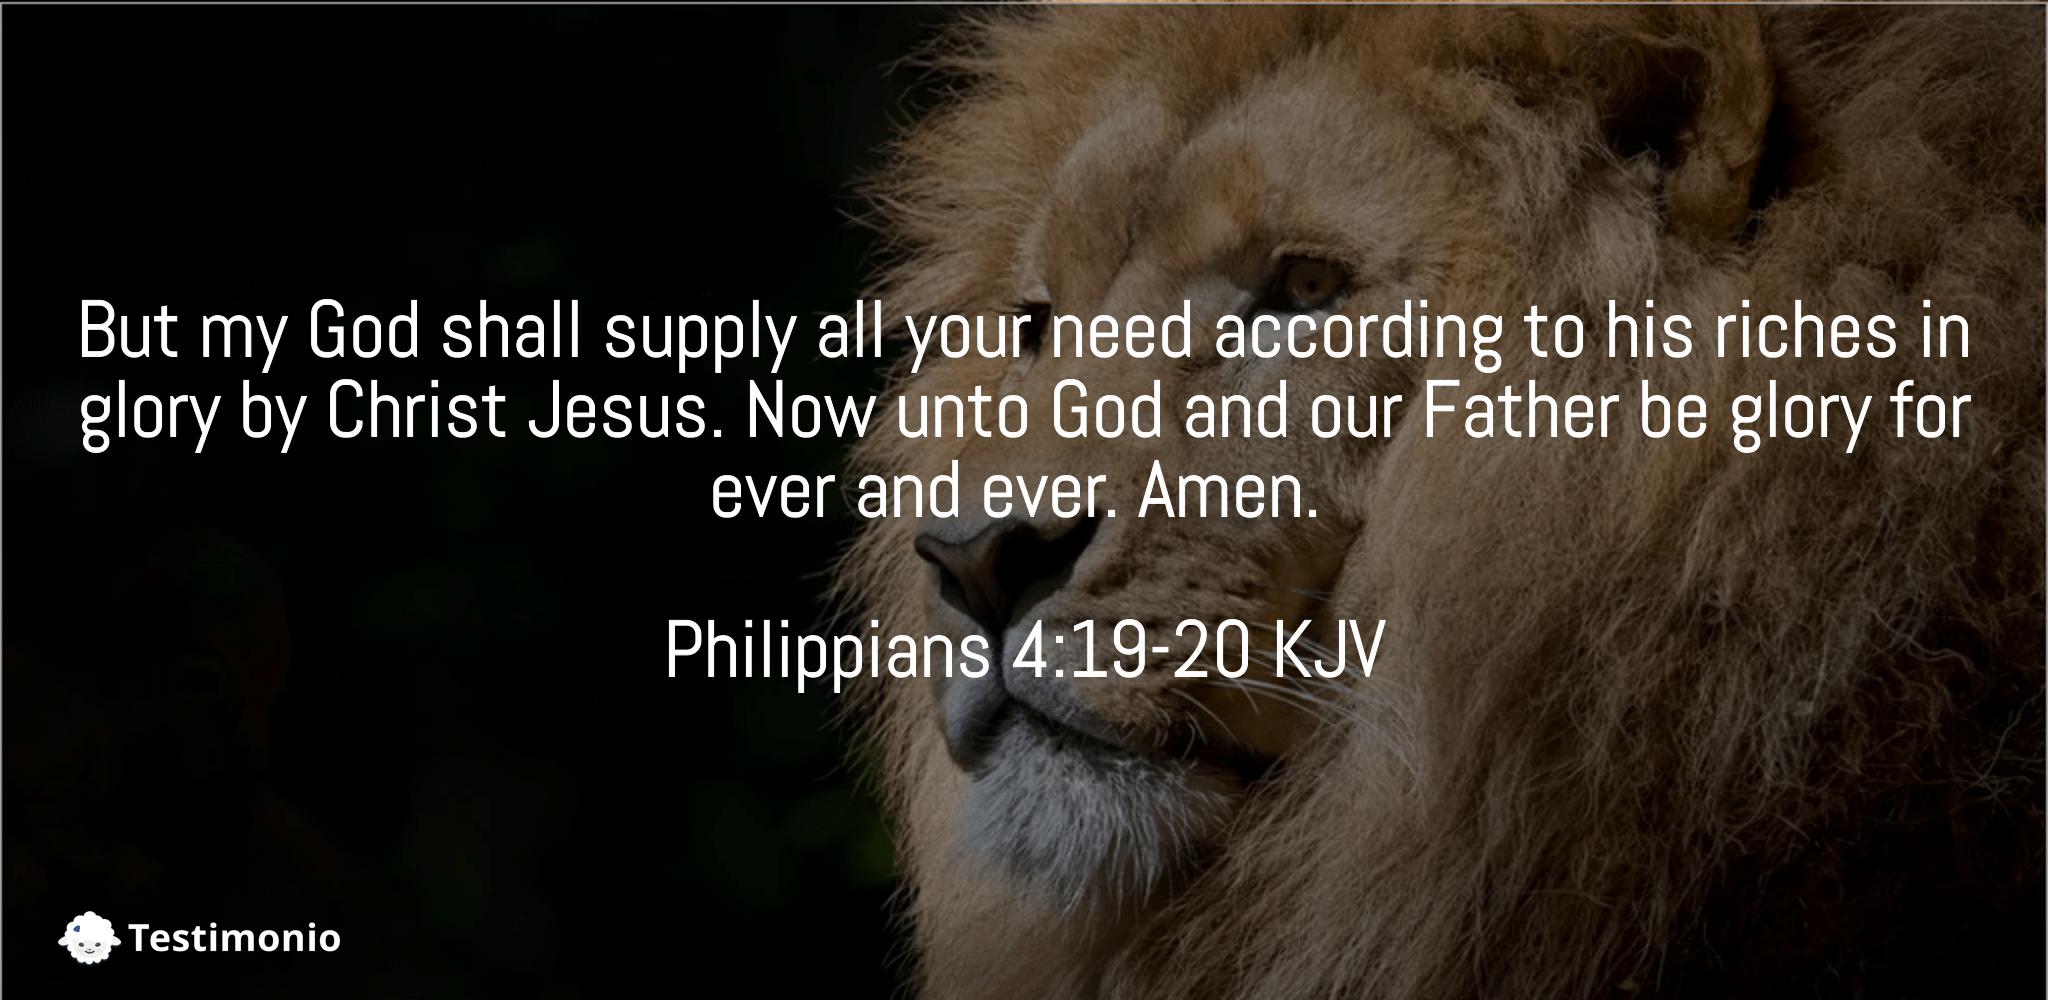 Philippians 4:19-20